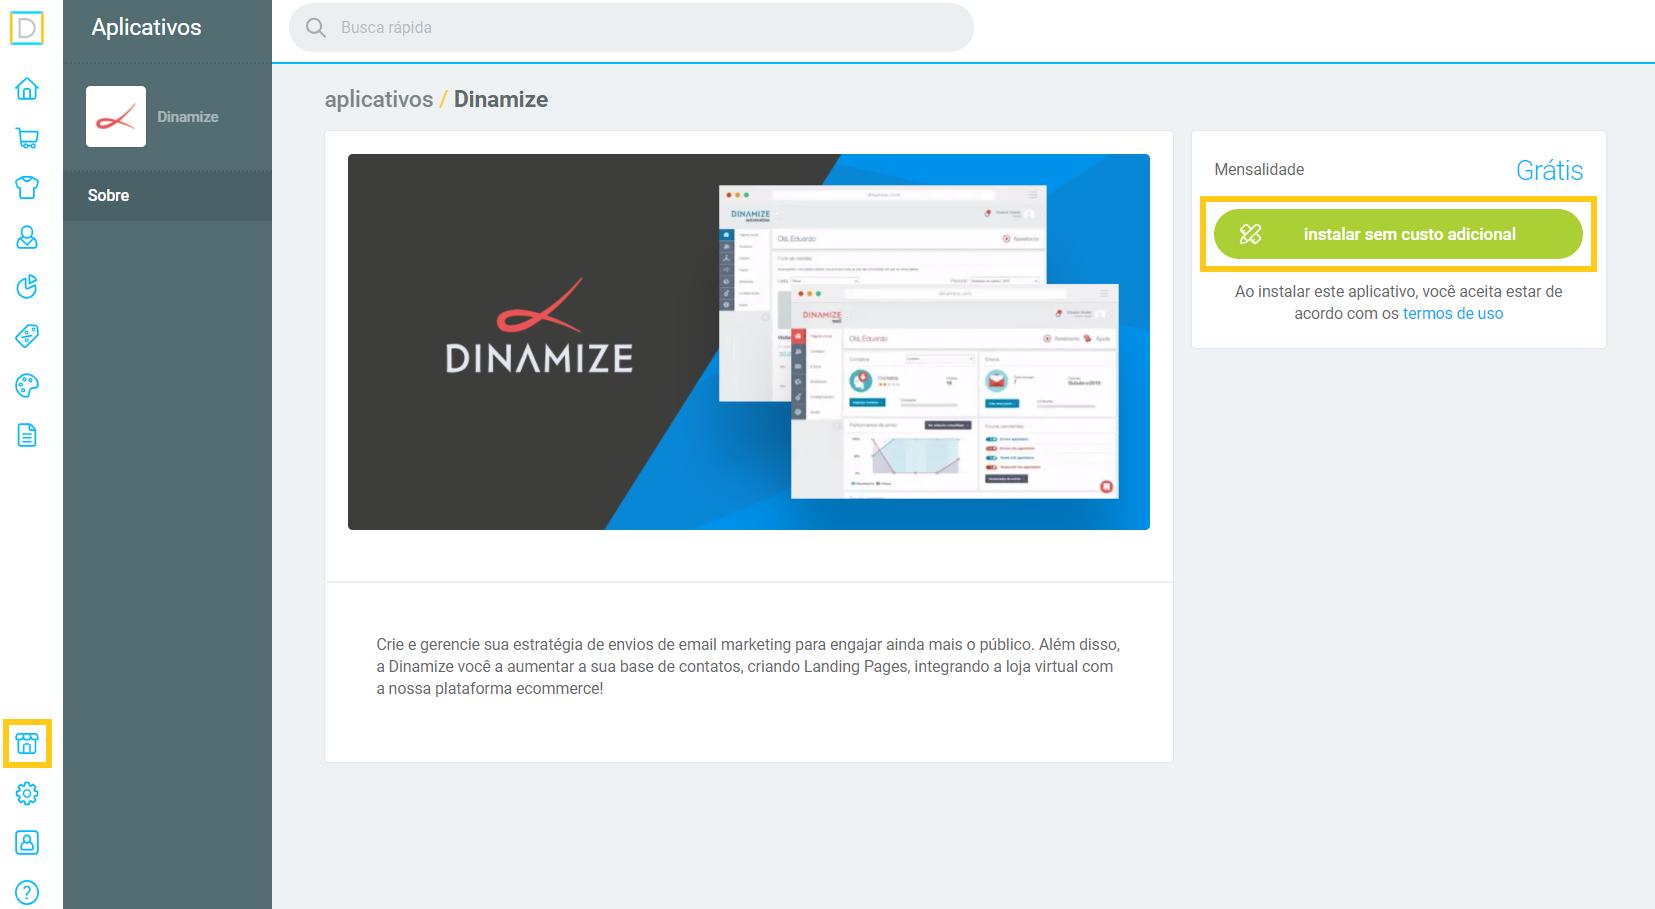 dinamize.png